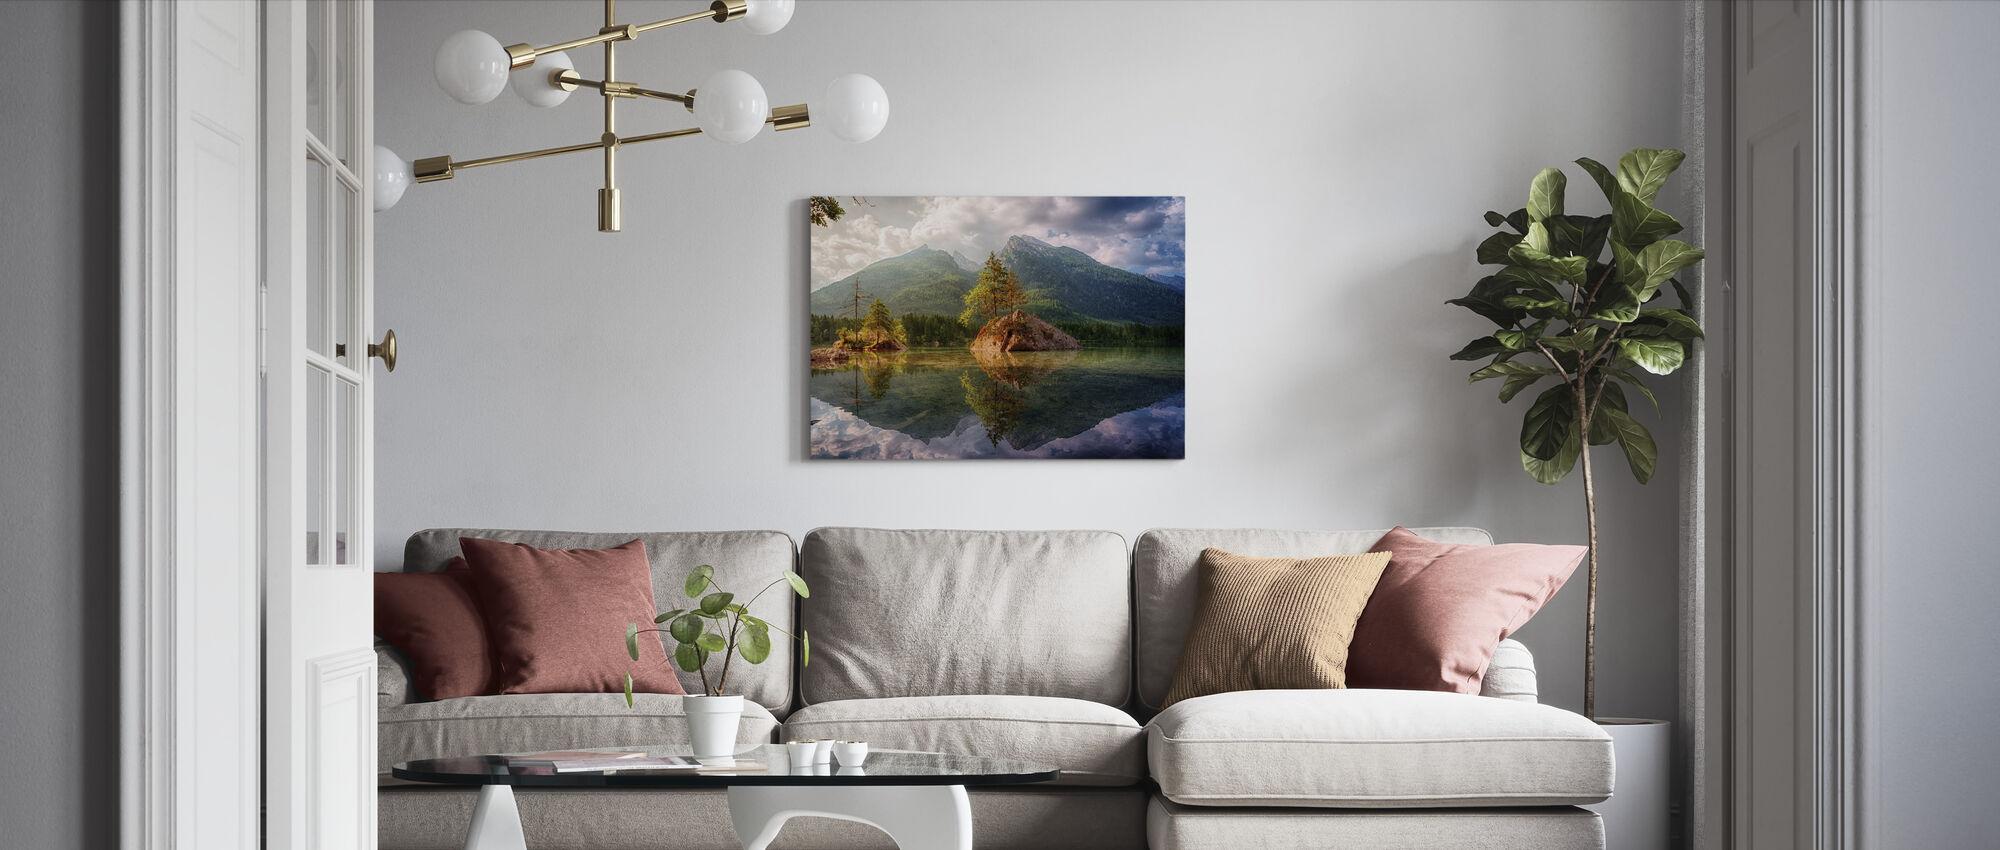 See und Berg Reflexion - Leinwandbild - Wohnzimmer